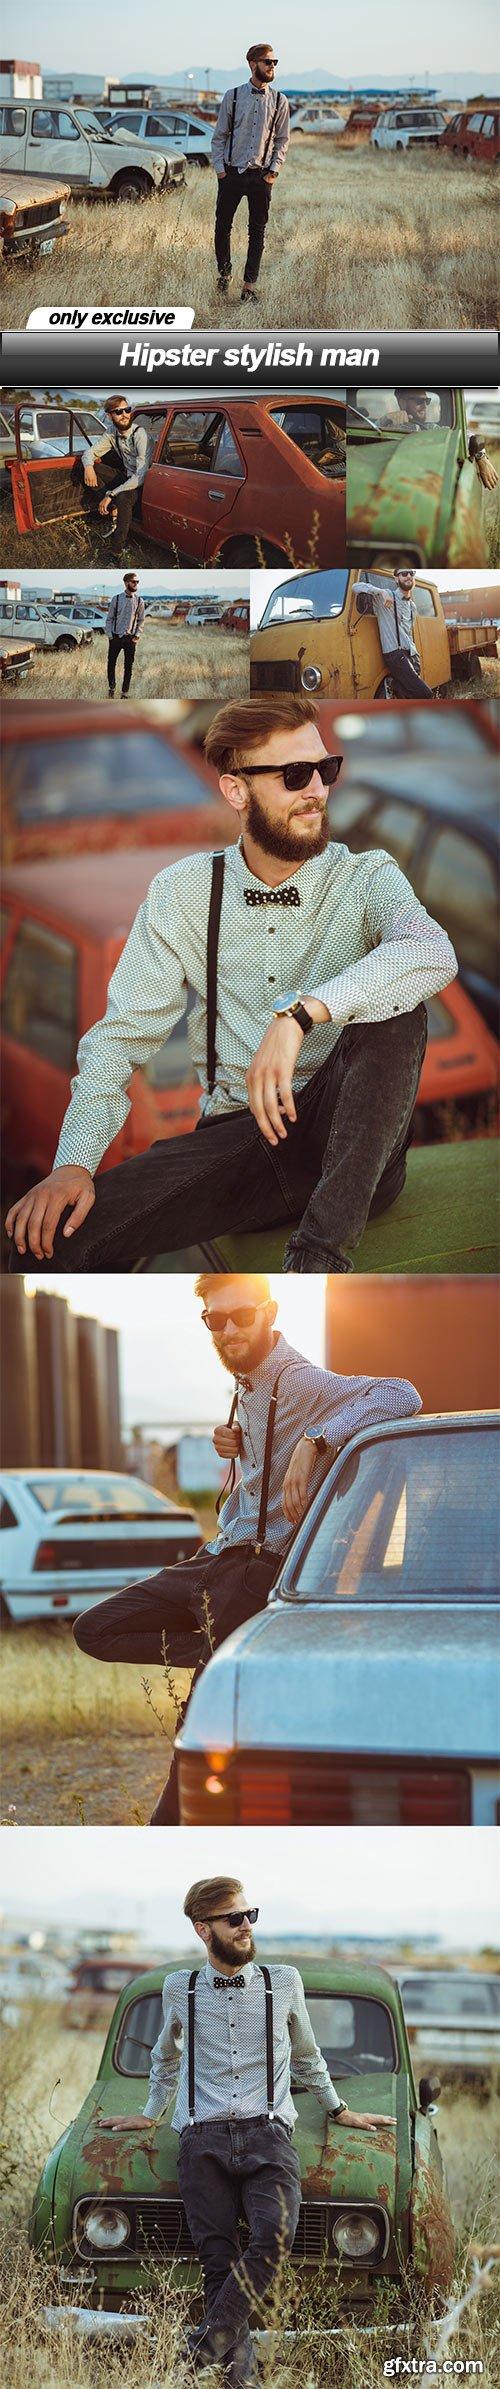 Hipster stylish man - 7 UHQ JPEG